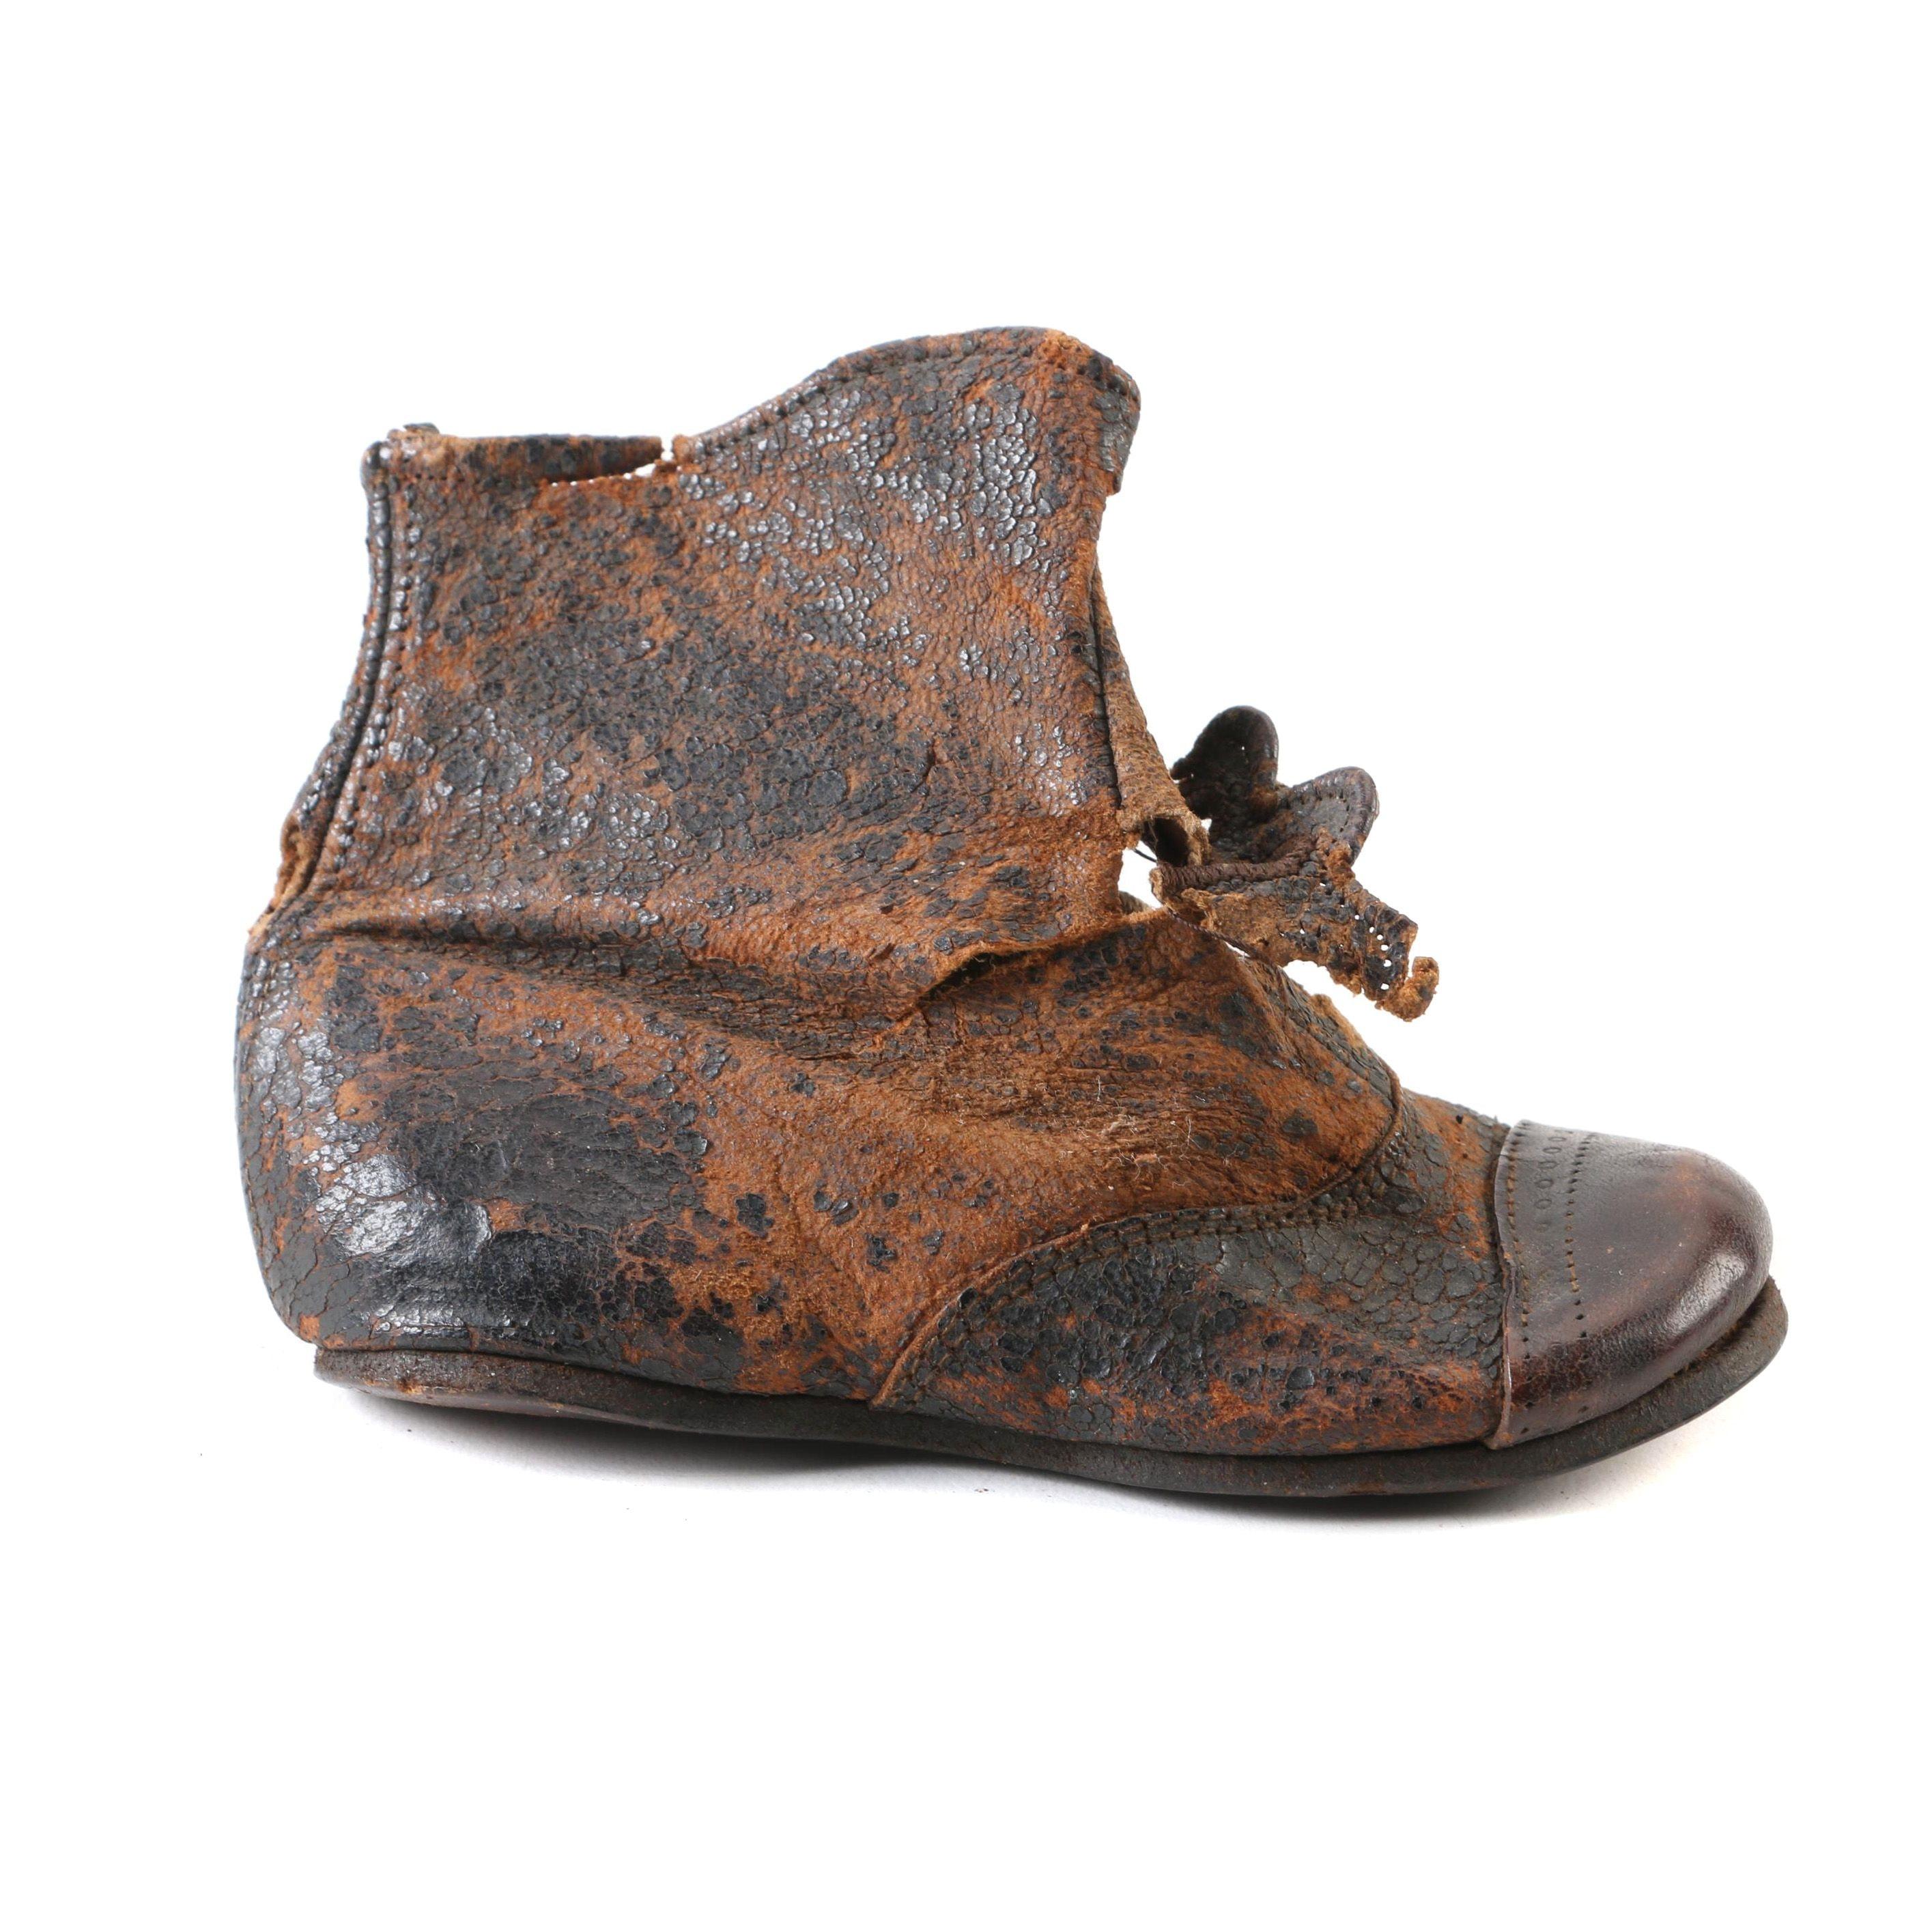 Infant's Antique Leather Shoe